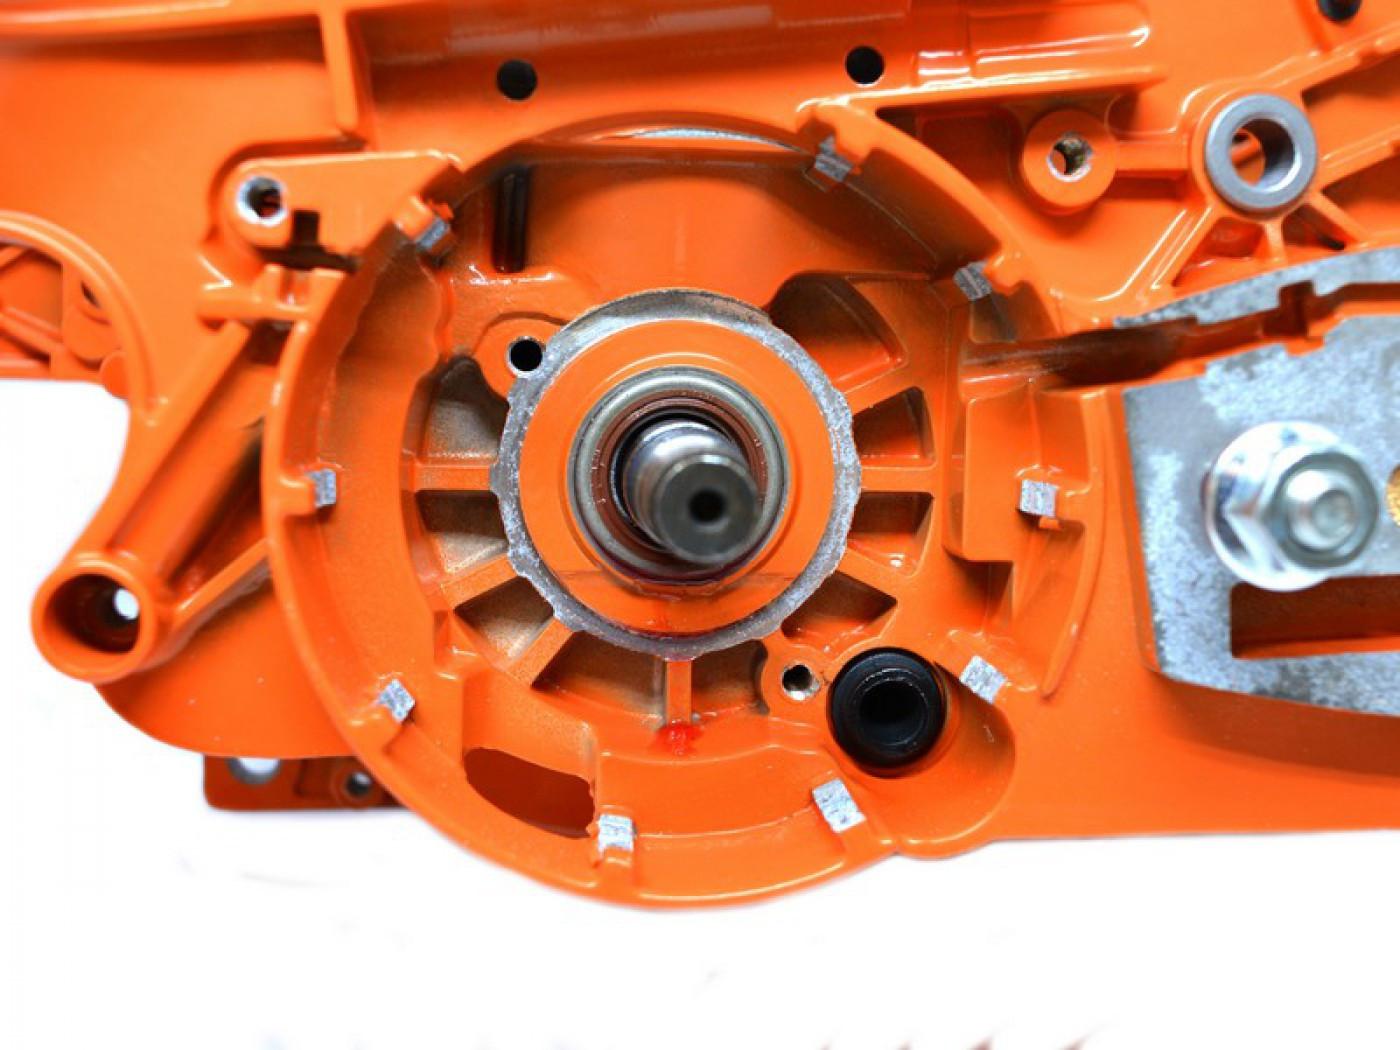 Motor Jonsered 2065 2065 EPA + kliková skříň + UŠETŘÍTE 700 Kč